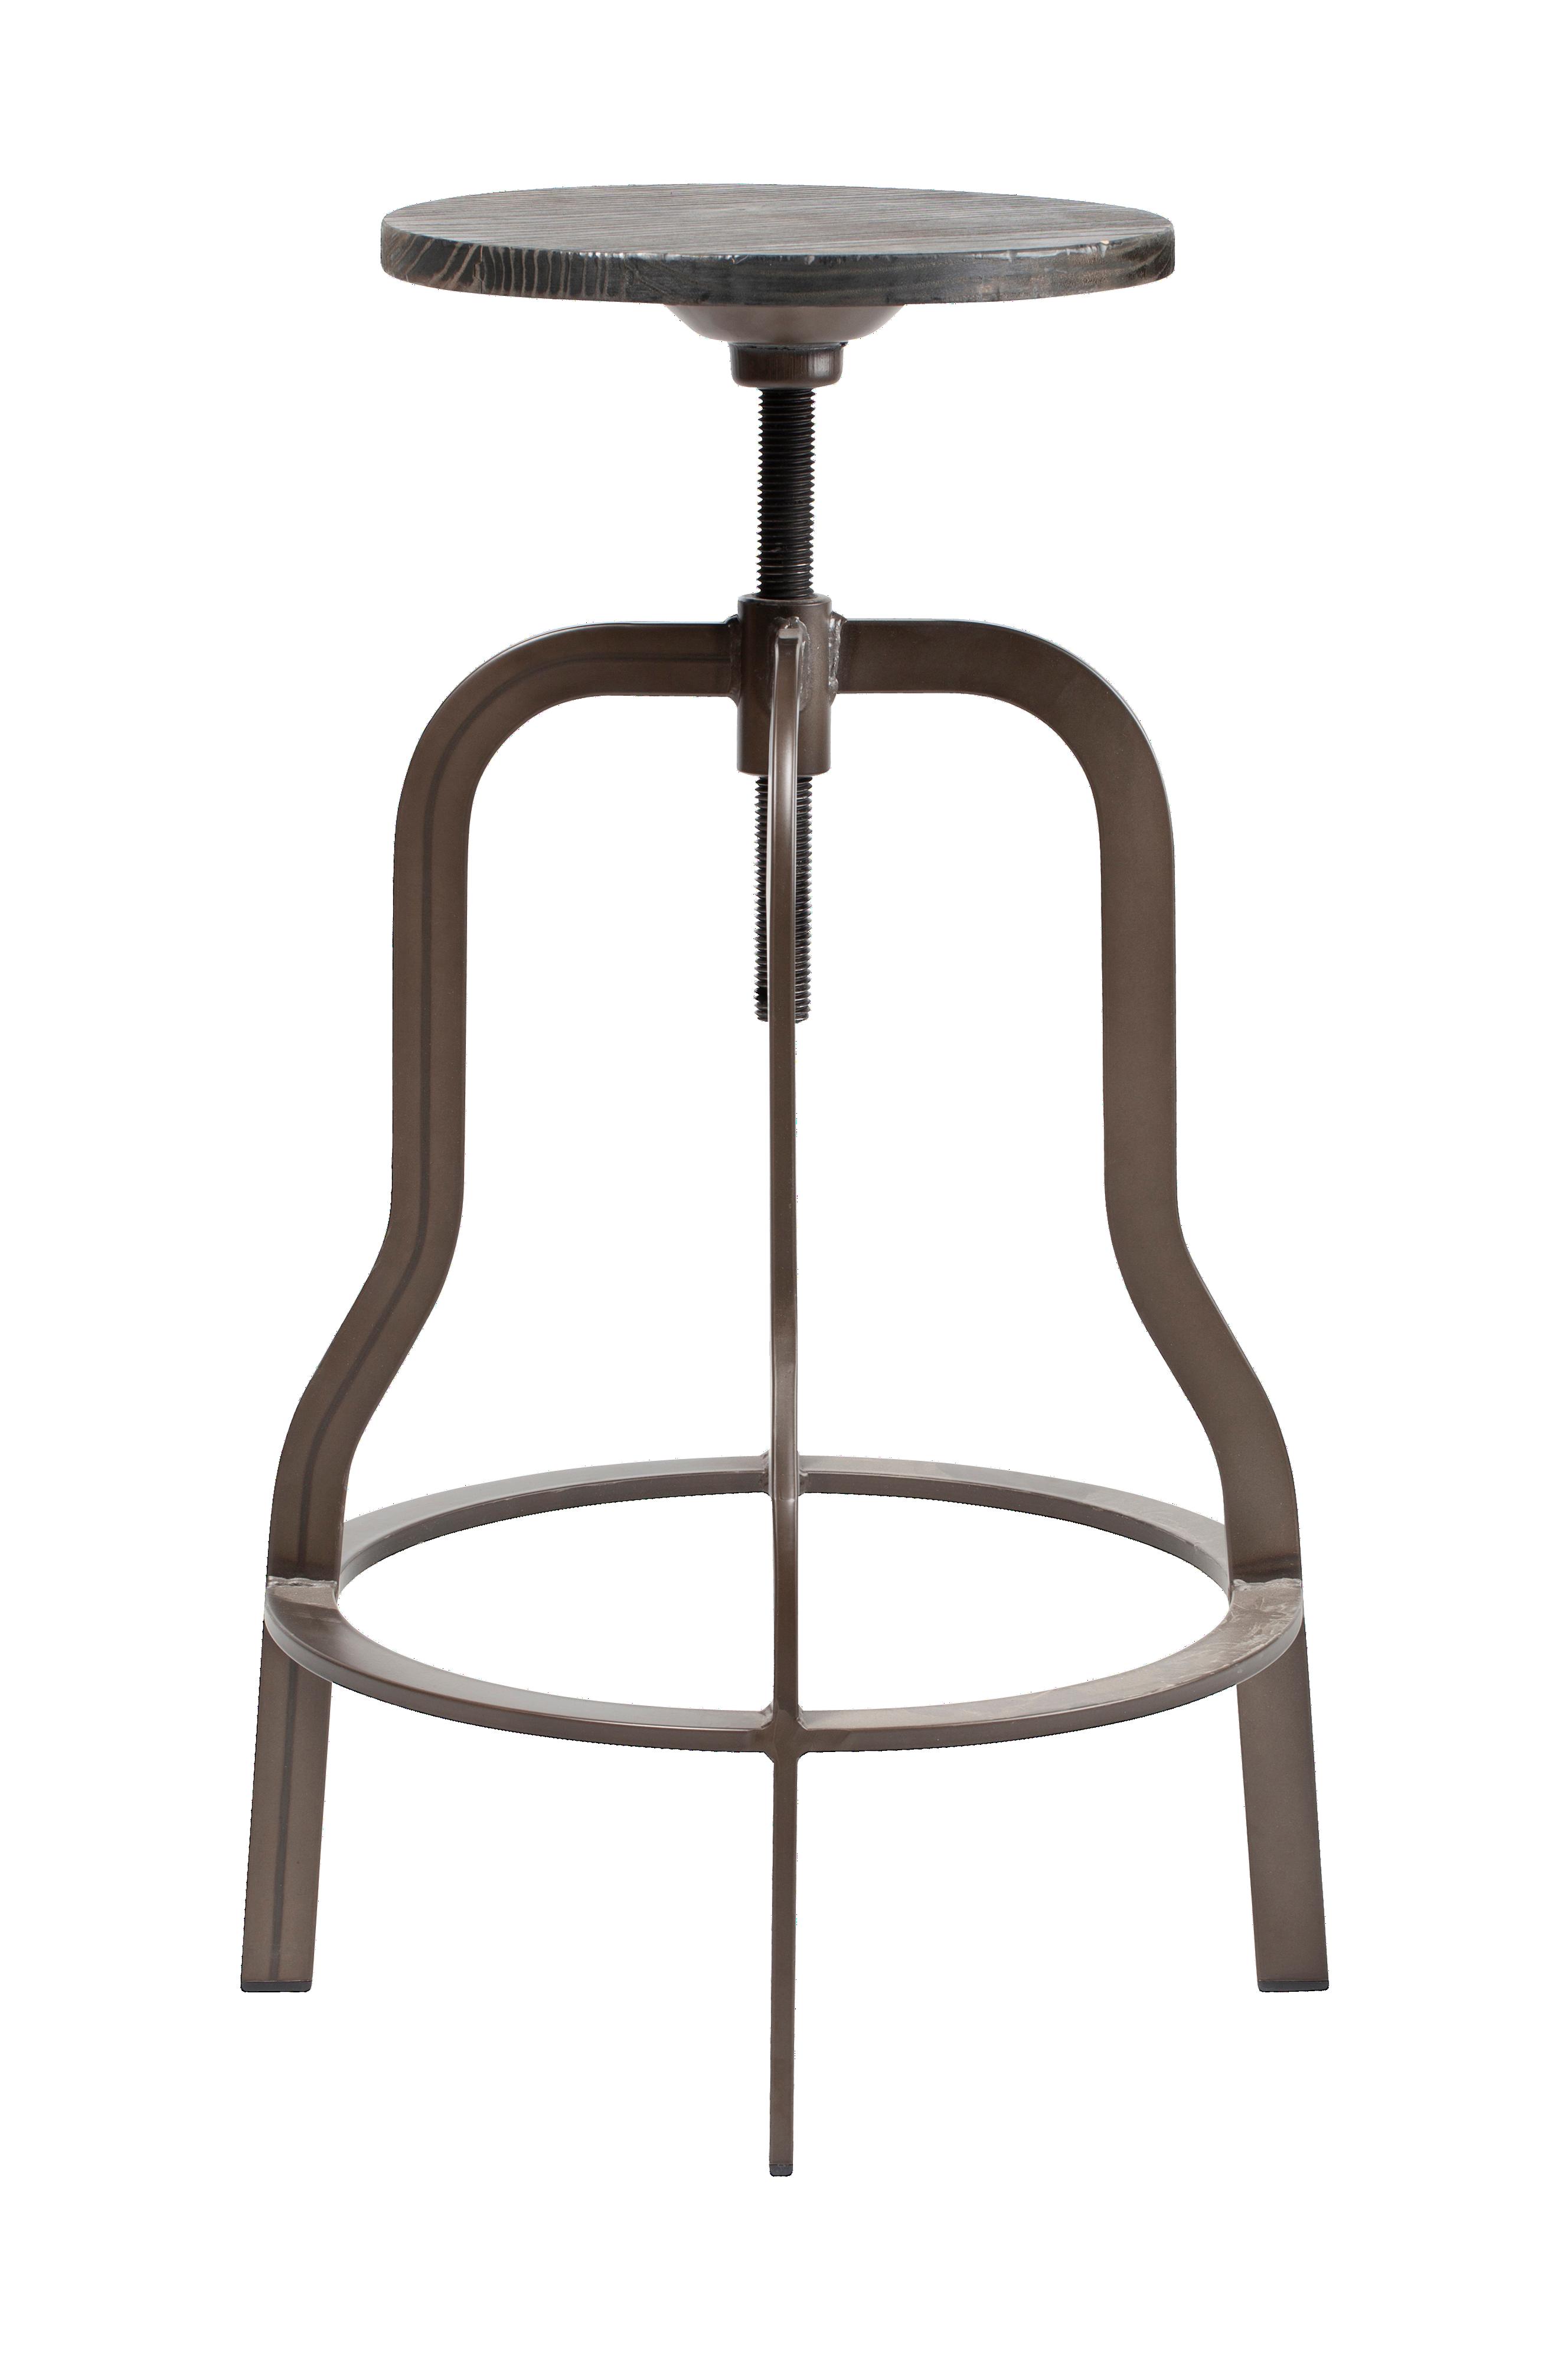 RGE Vegas Barstol i 2 pk, 67 77 cm Svart Møbler Homeroom